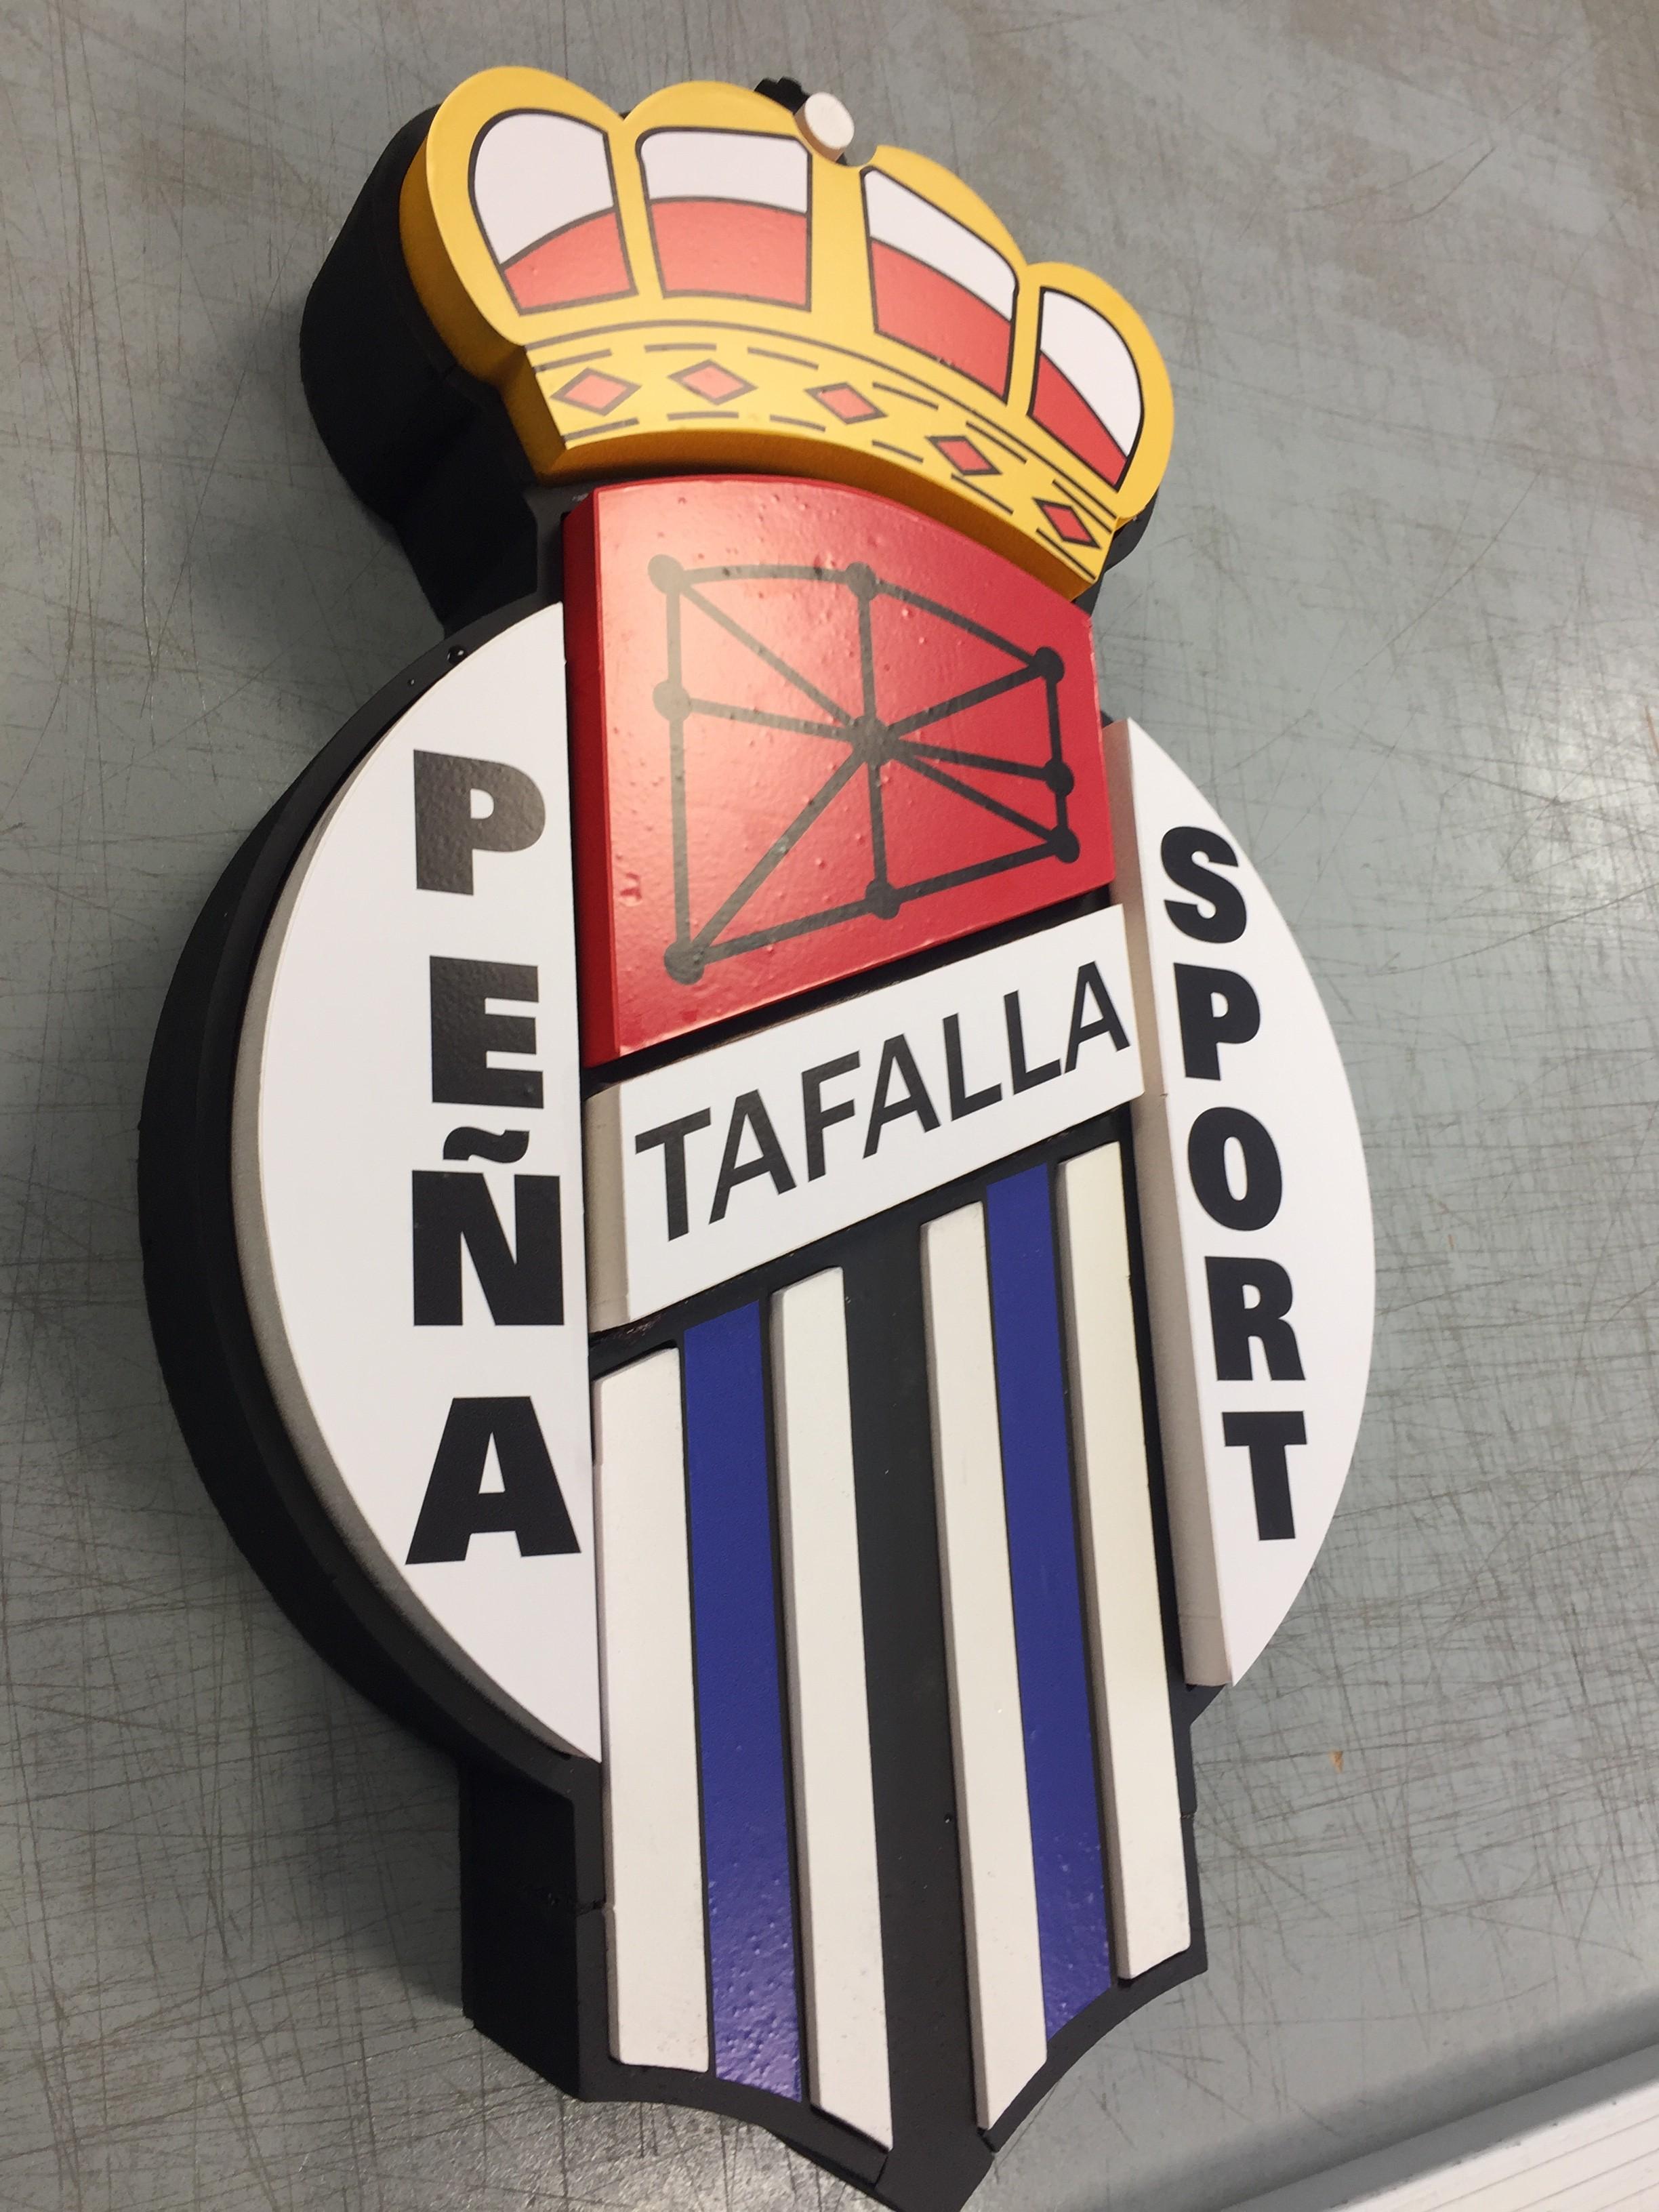 peñasport_peña_sport_futbol_tafalla_deporte_logo_escudo_cartel_poliestireno_letrero_regalo_ESTELLA_NAVARRA_IMPRESIÓN_DISEÑO_VINILOS_ROTULACIÓN